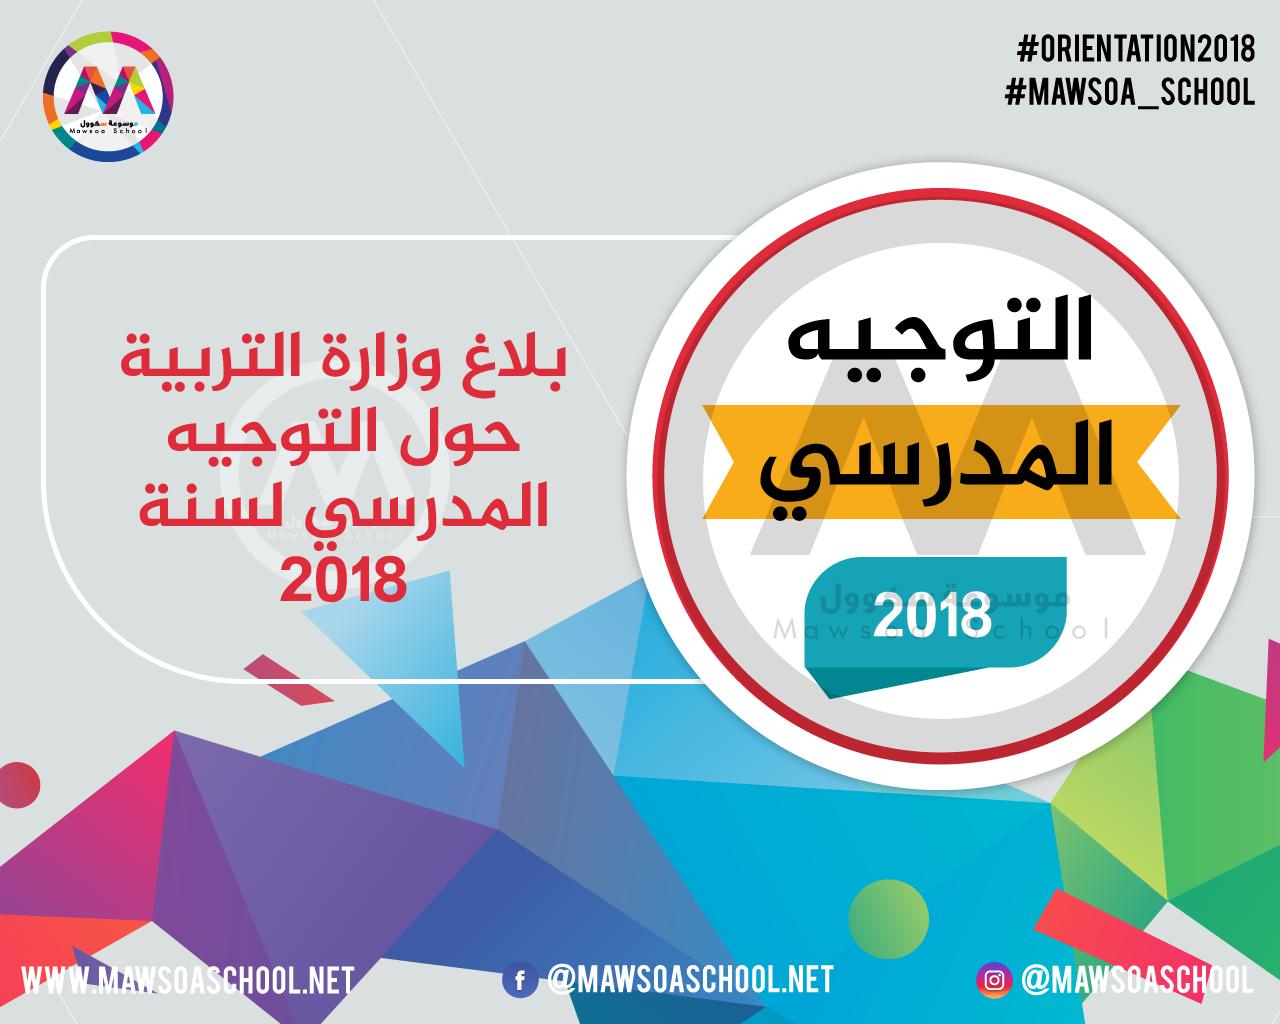 بلاغ وزارة التربية حول التوجيه المدرسي لسنة 2018